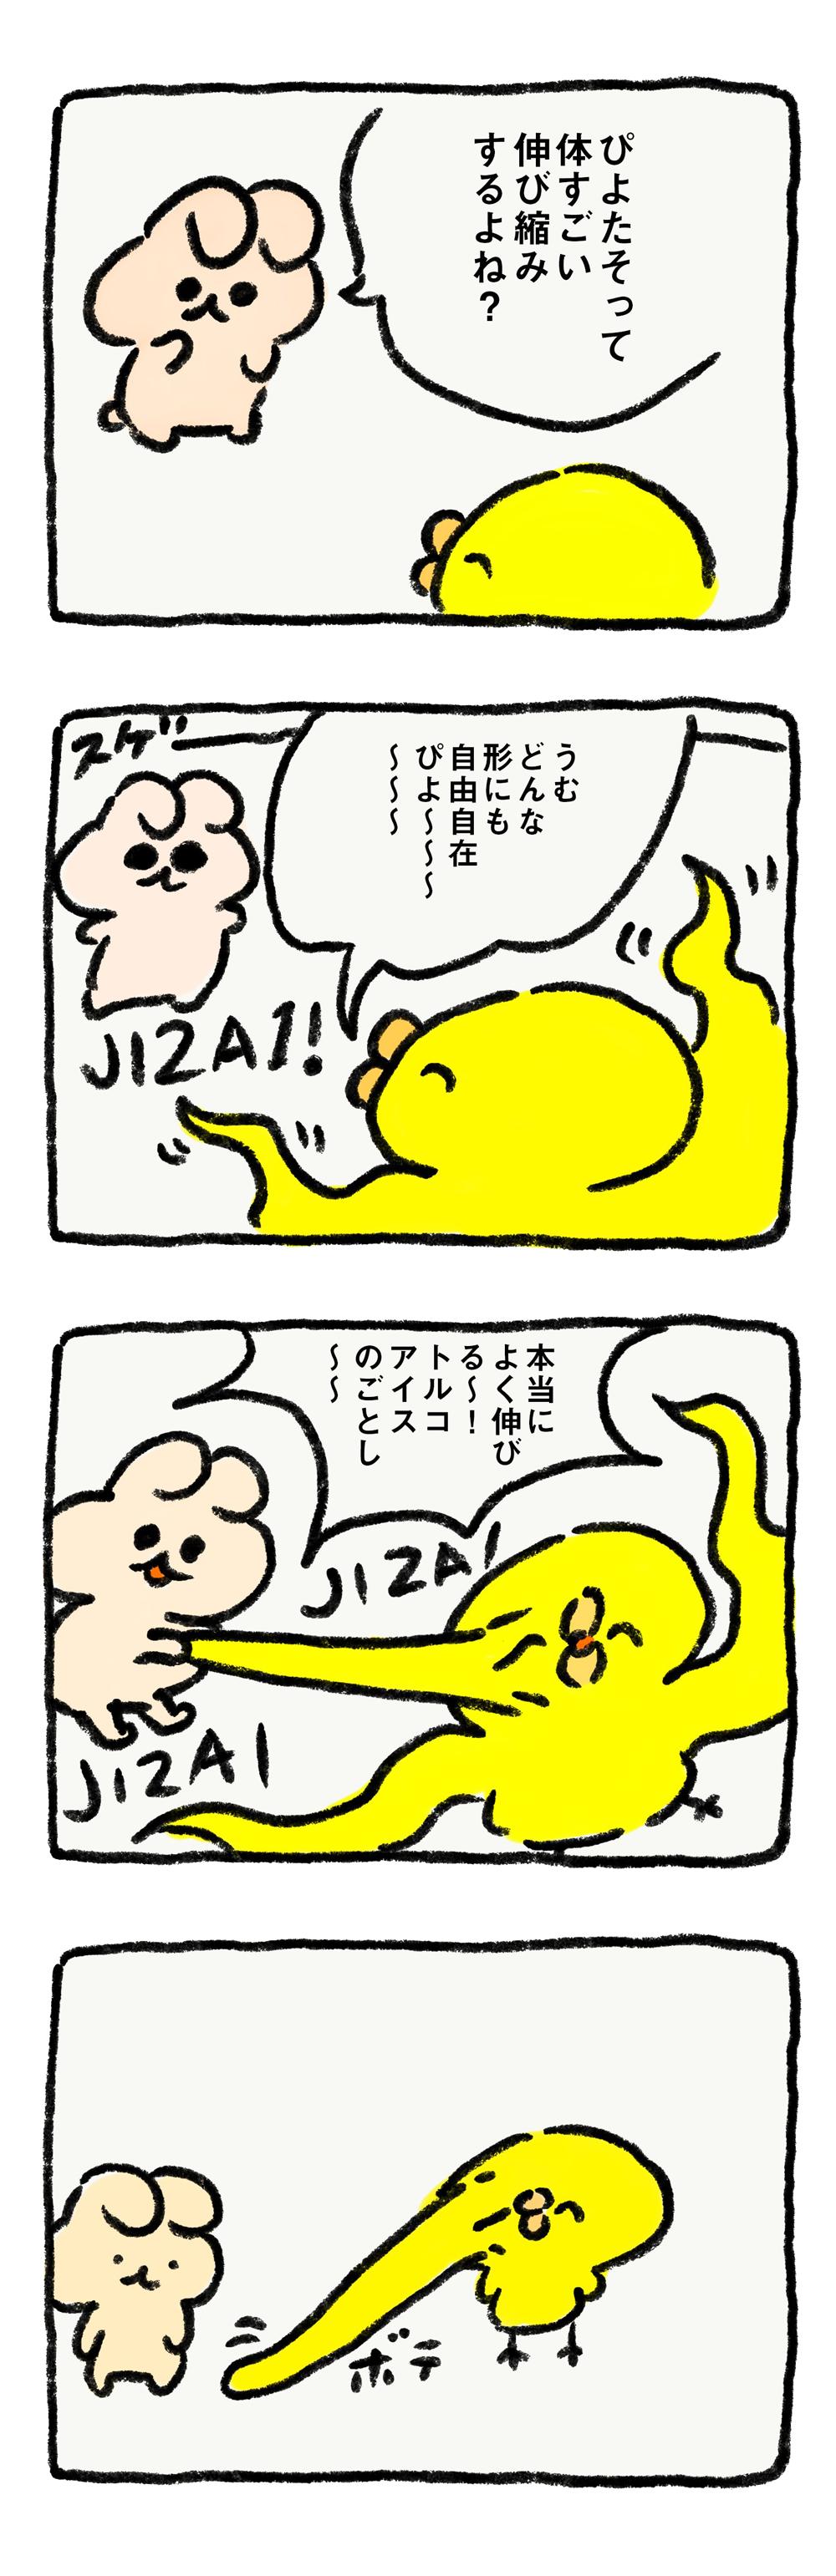 ぴよたそ誕生その6 JIZAI